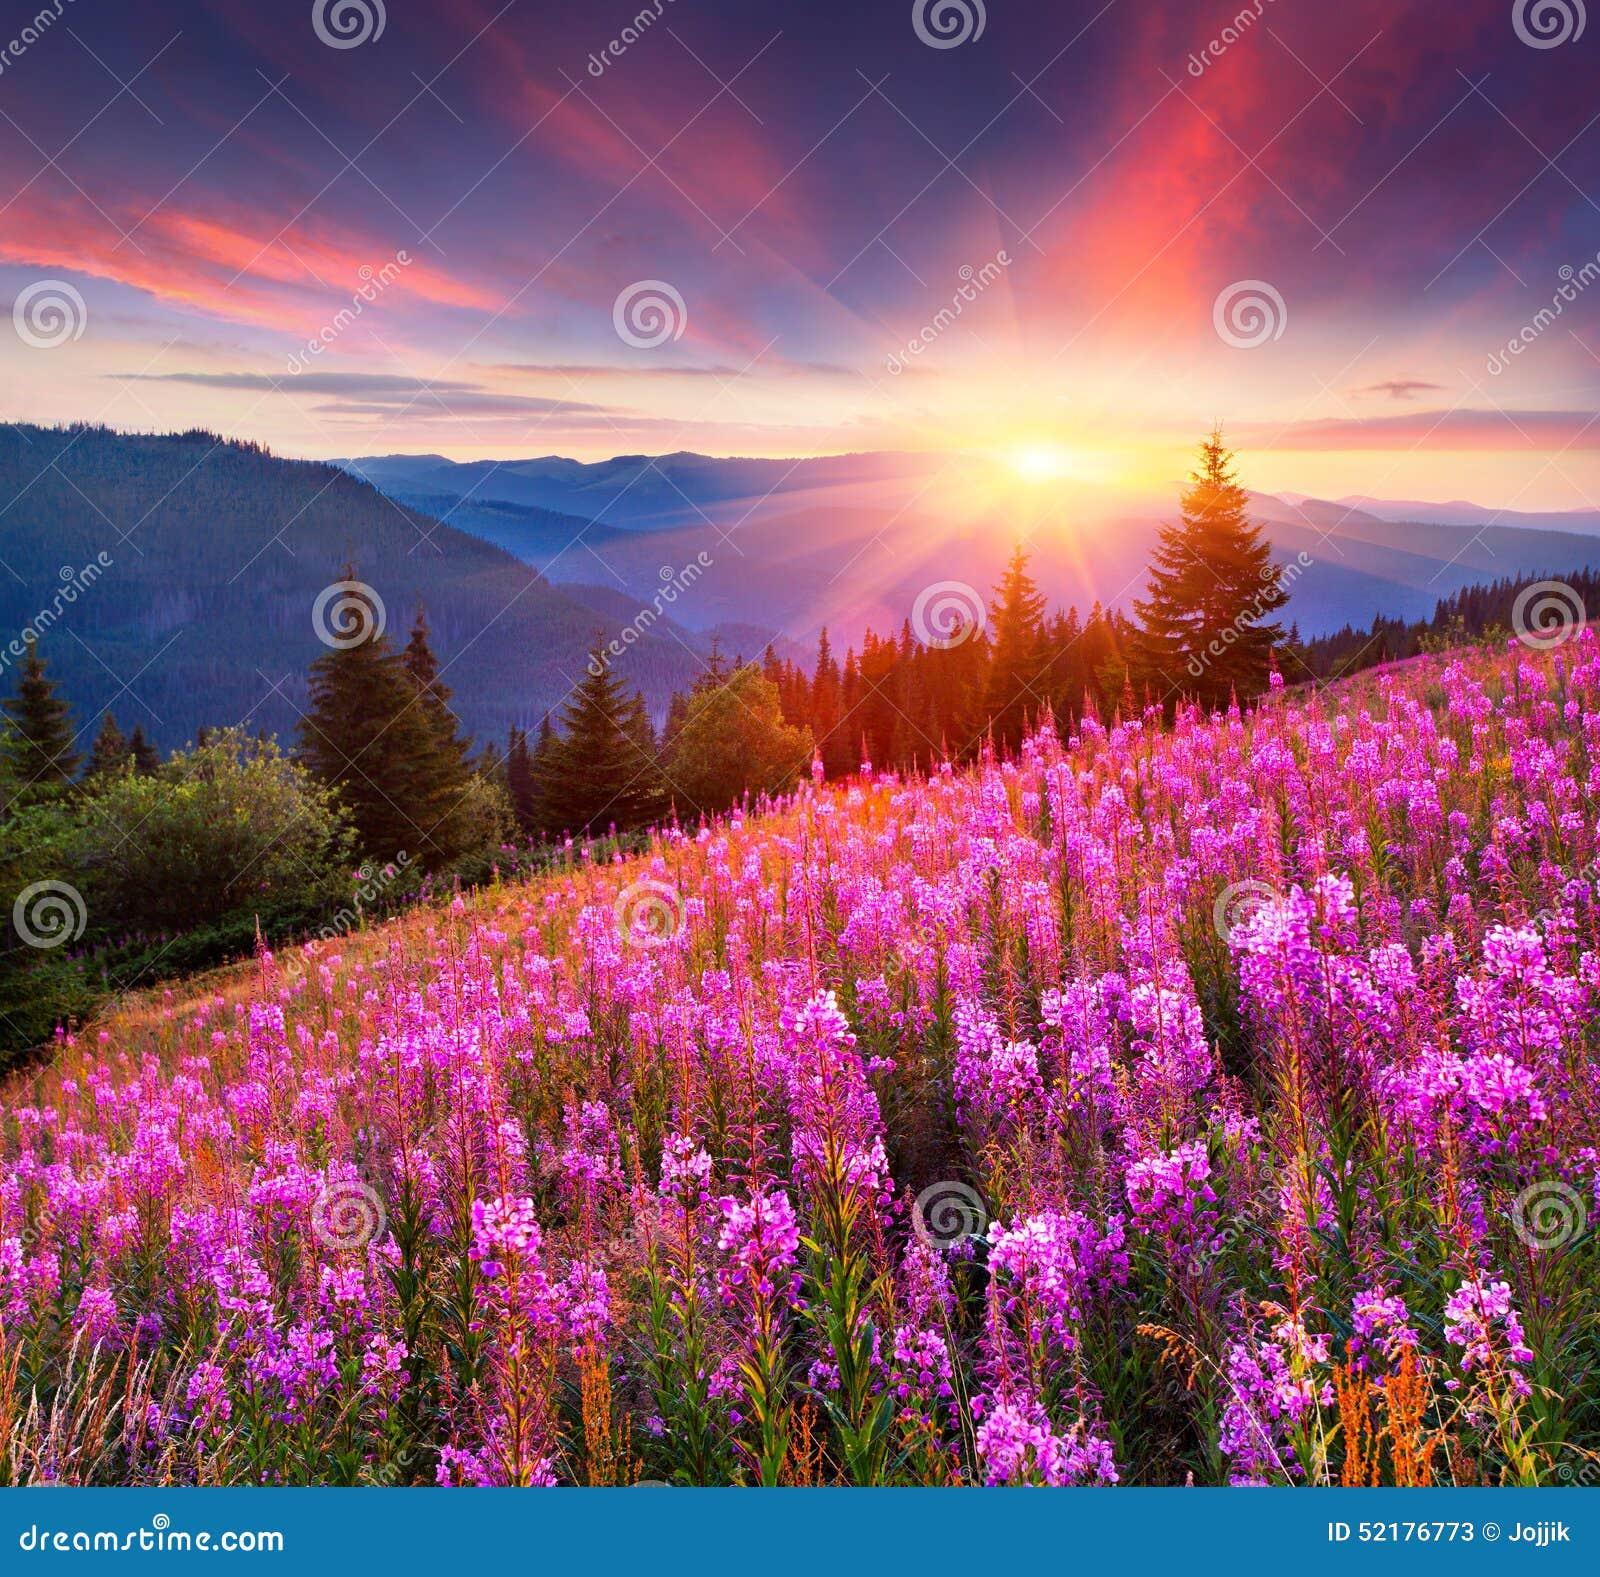 sunrise mountains flowers - photo #24